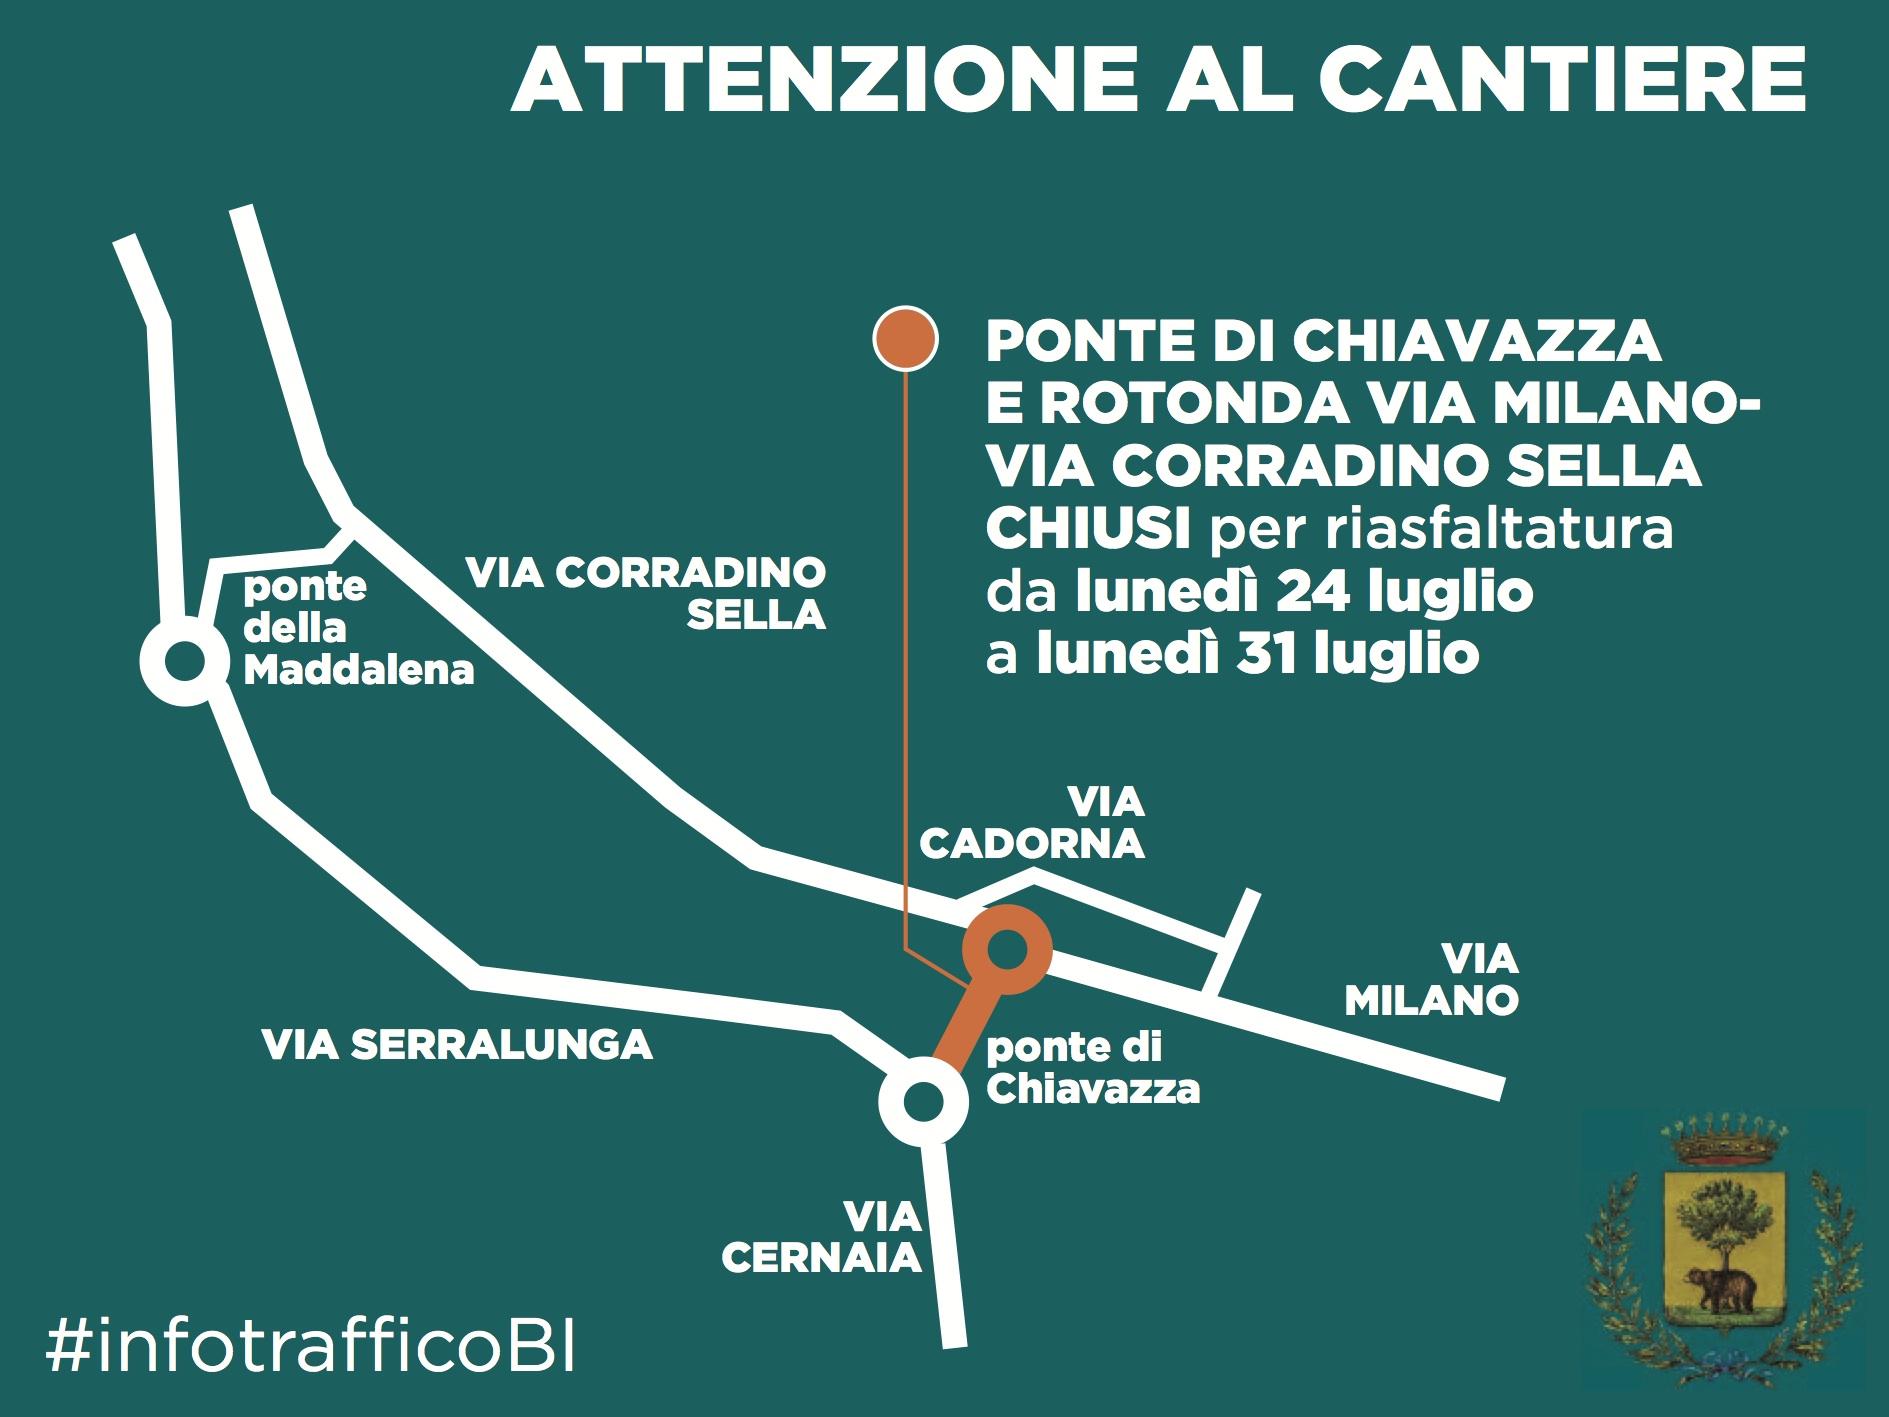 La mappa della chiusura del ponte di Chiavazza e dei percorsi alternativi